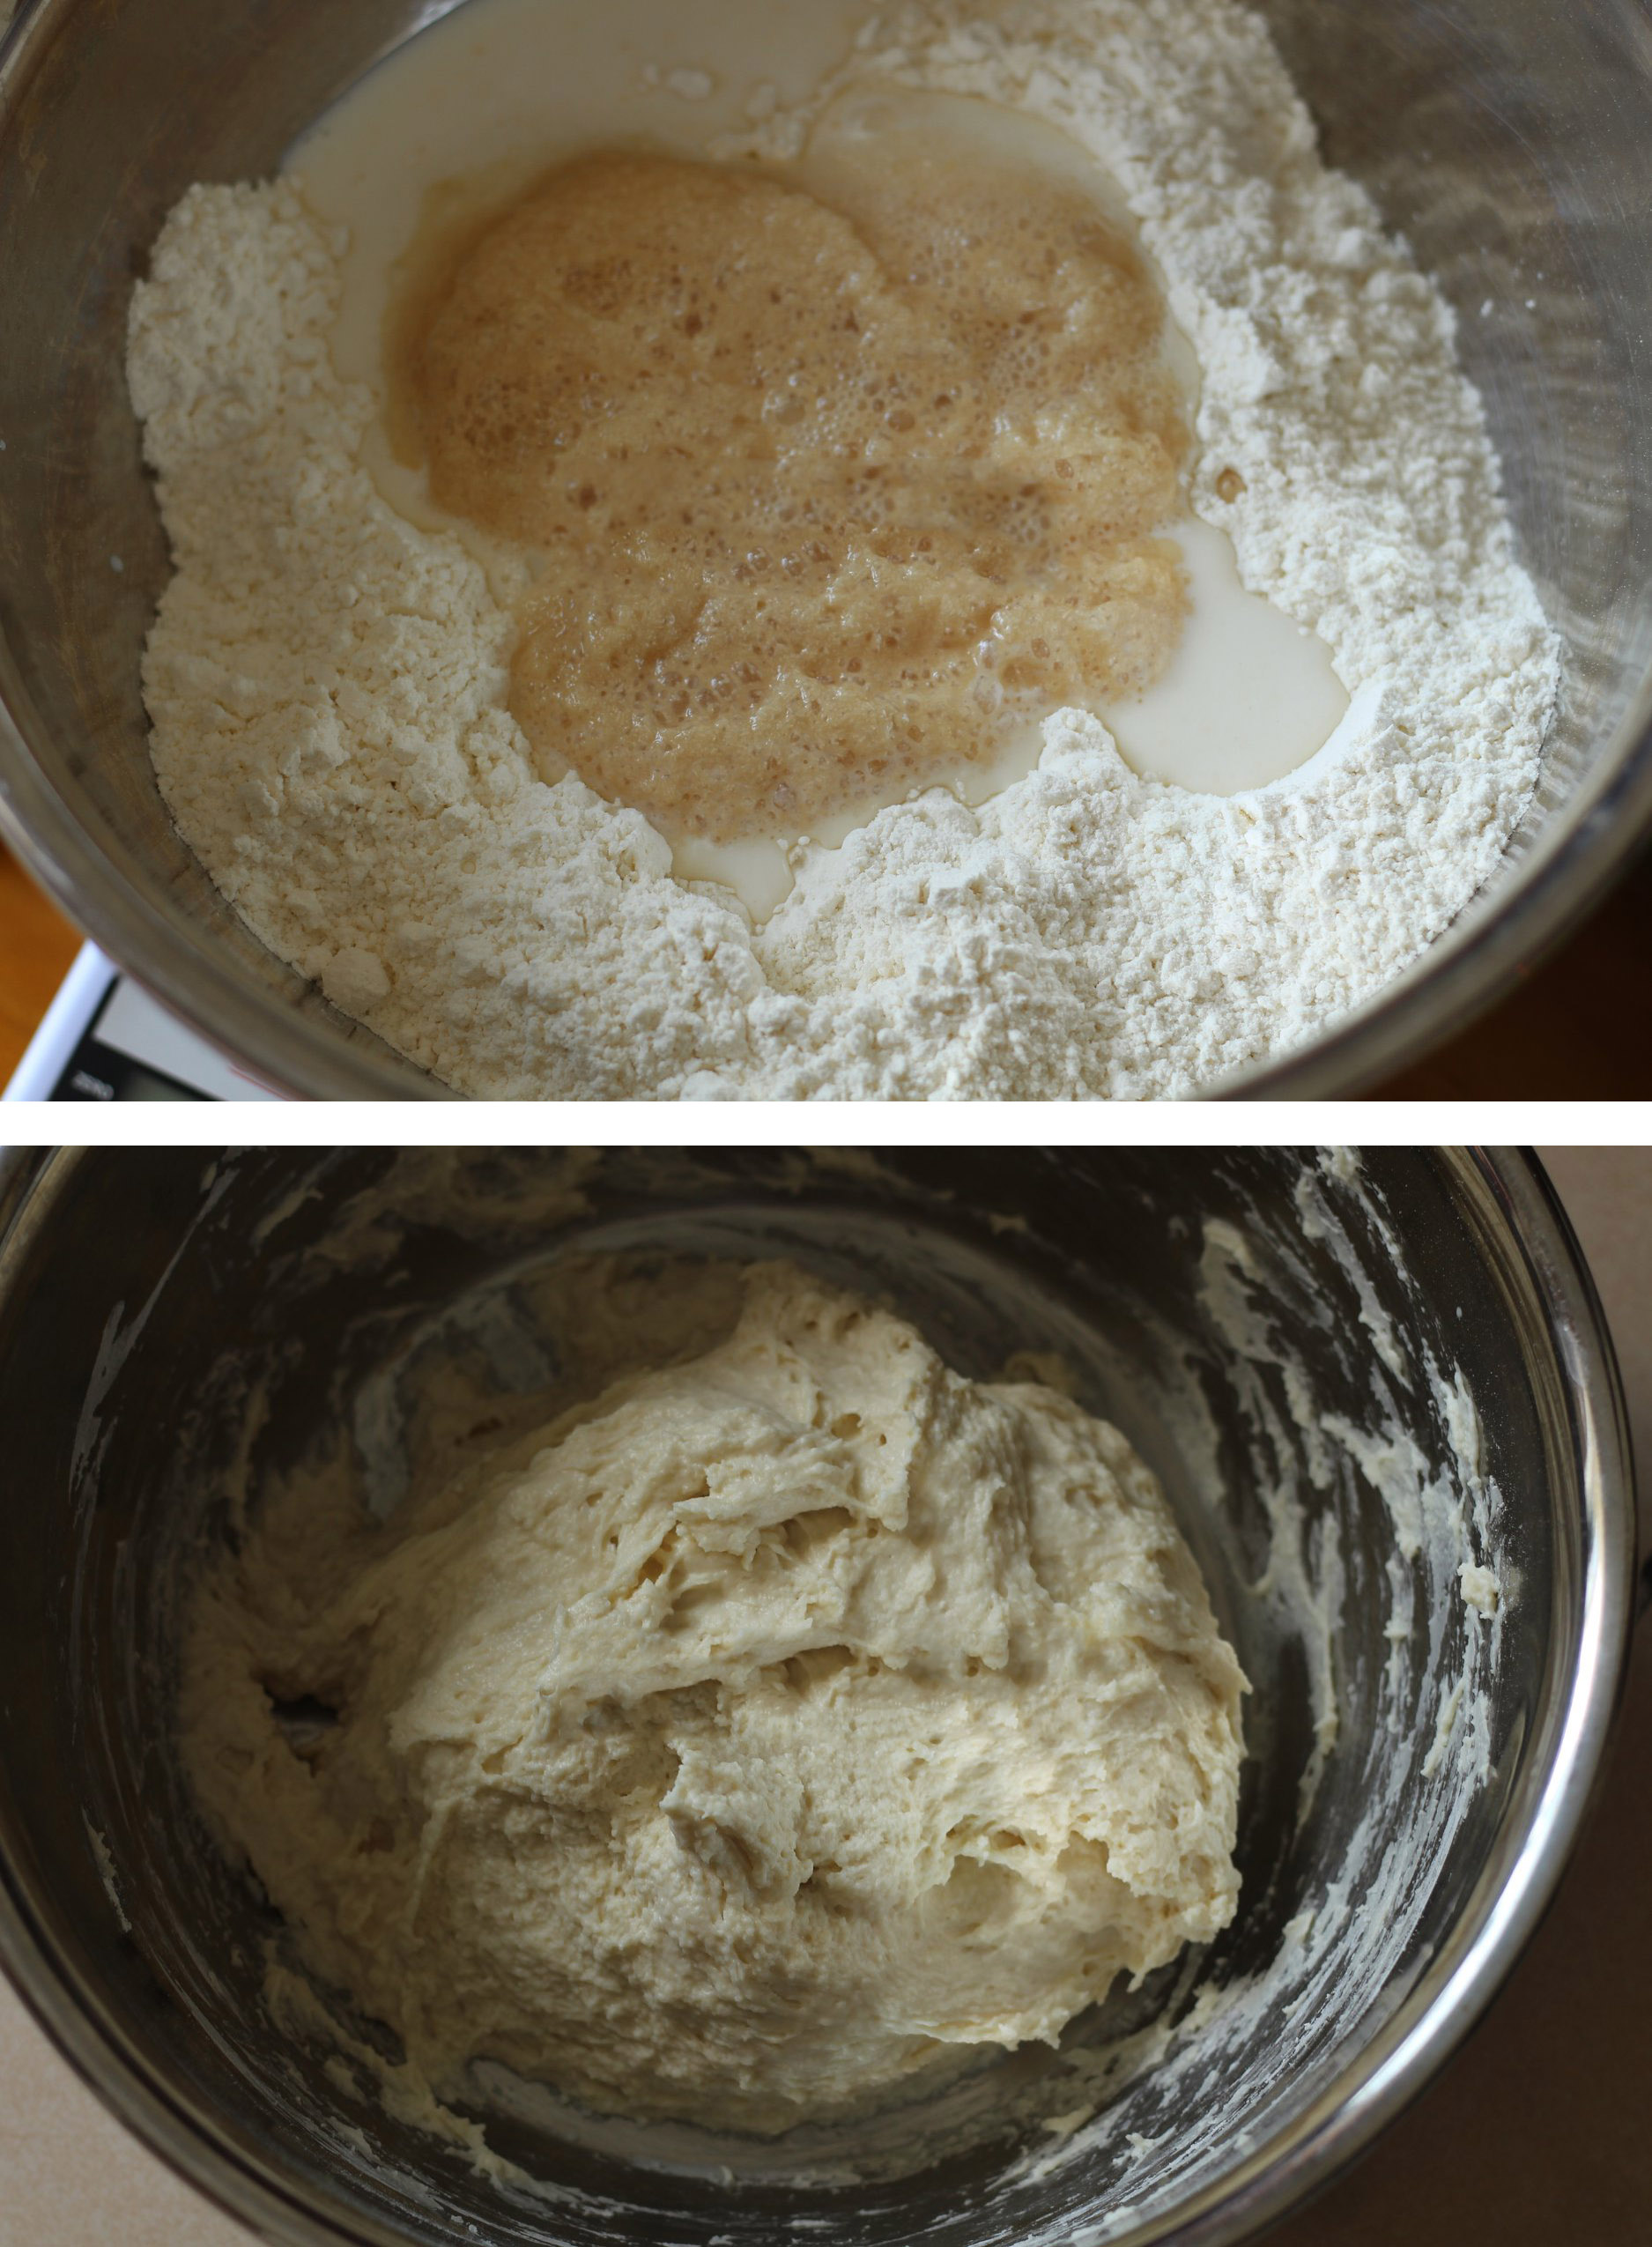 cách làm bánh bao miền trung 4 cách làm bánh bao miền trung Cách làm bánh bao miền Trung ngon thương nhớ cach lam banh bao 4 copy